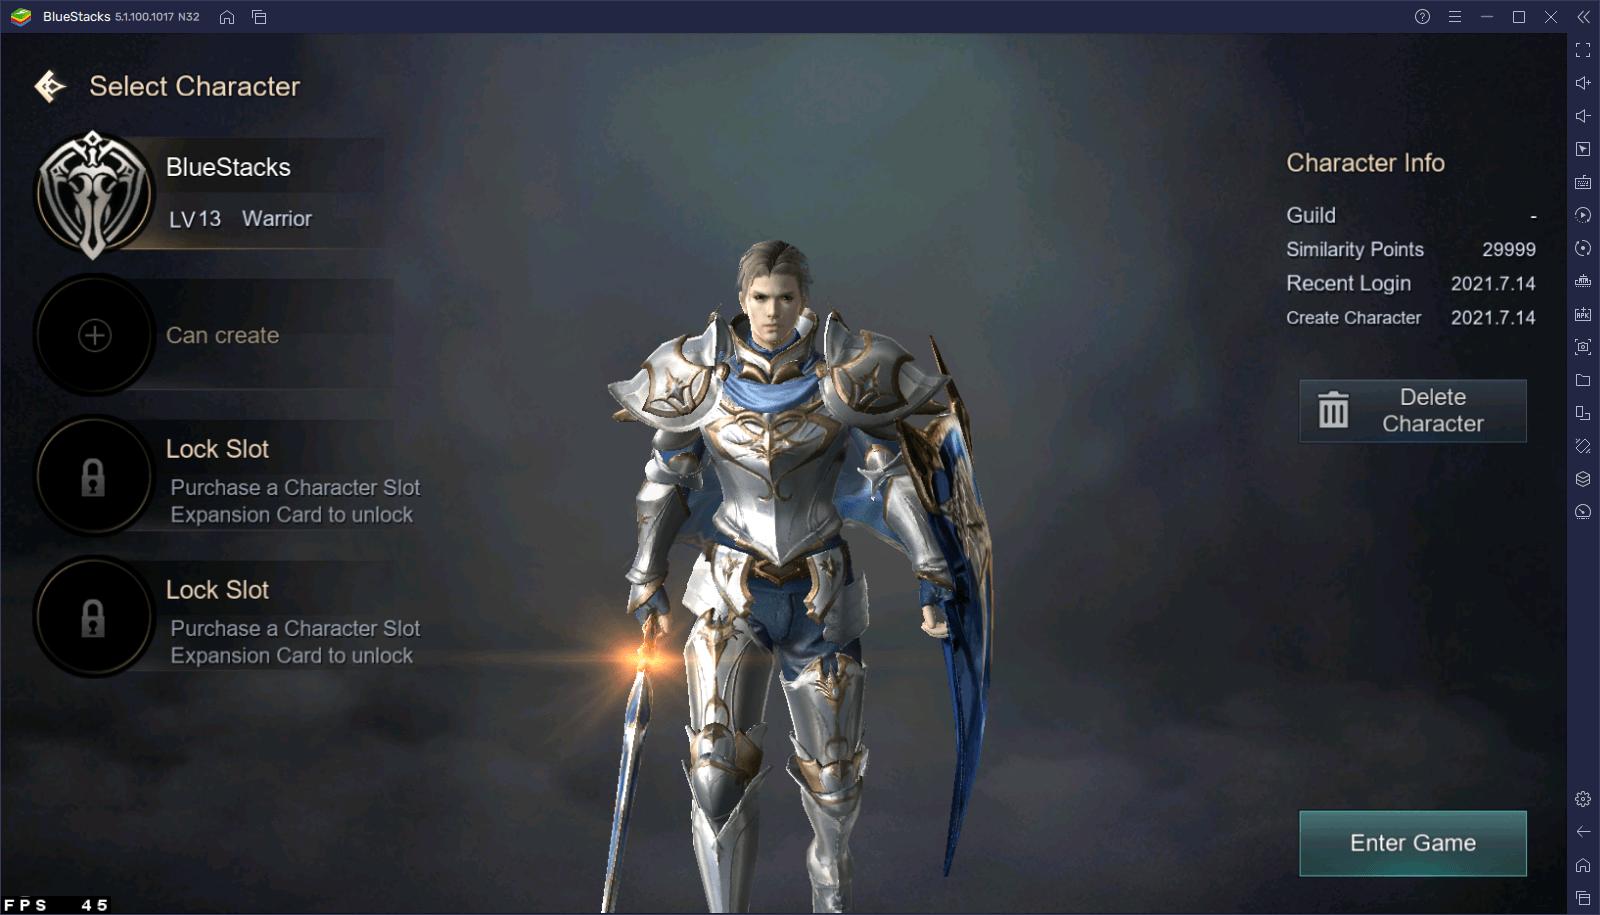 Как использовать инструменты BlueStacks для игры в Kingdom: The Blood Pledge?